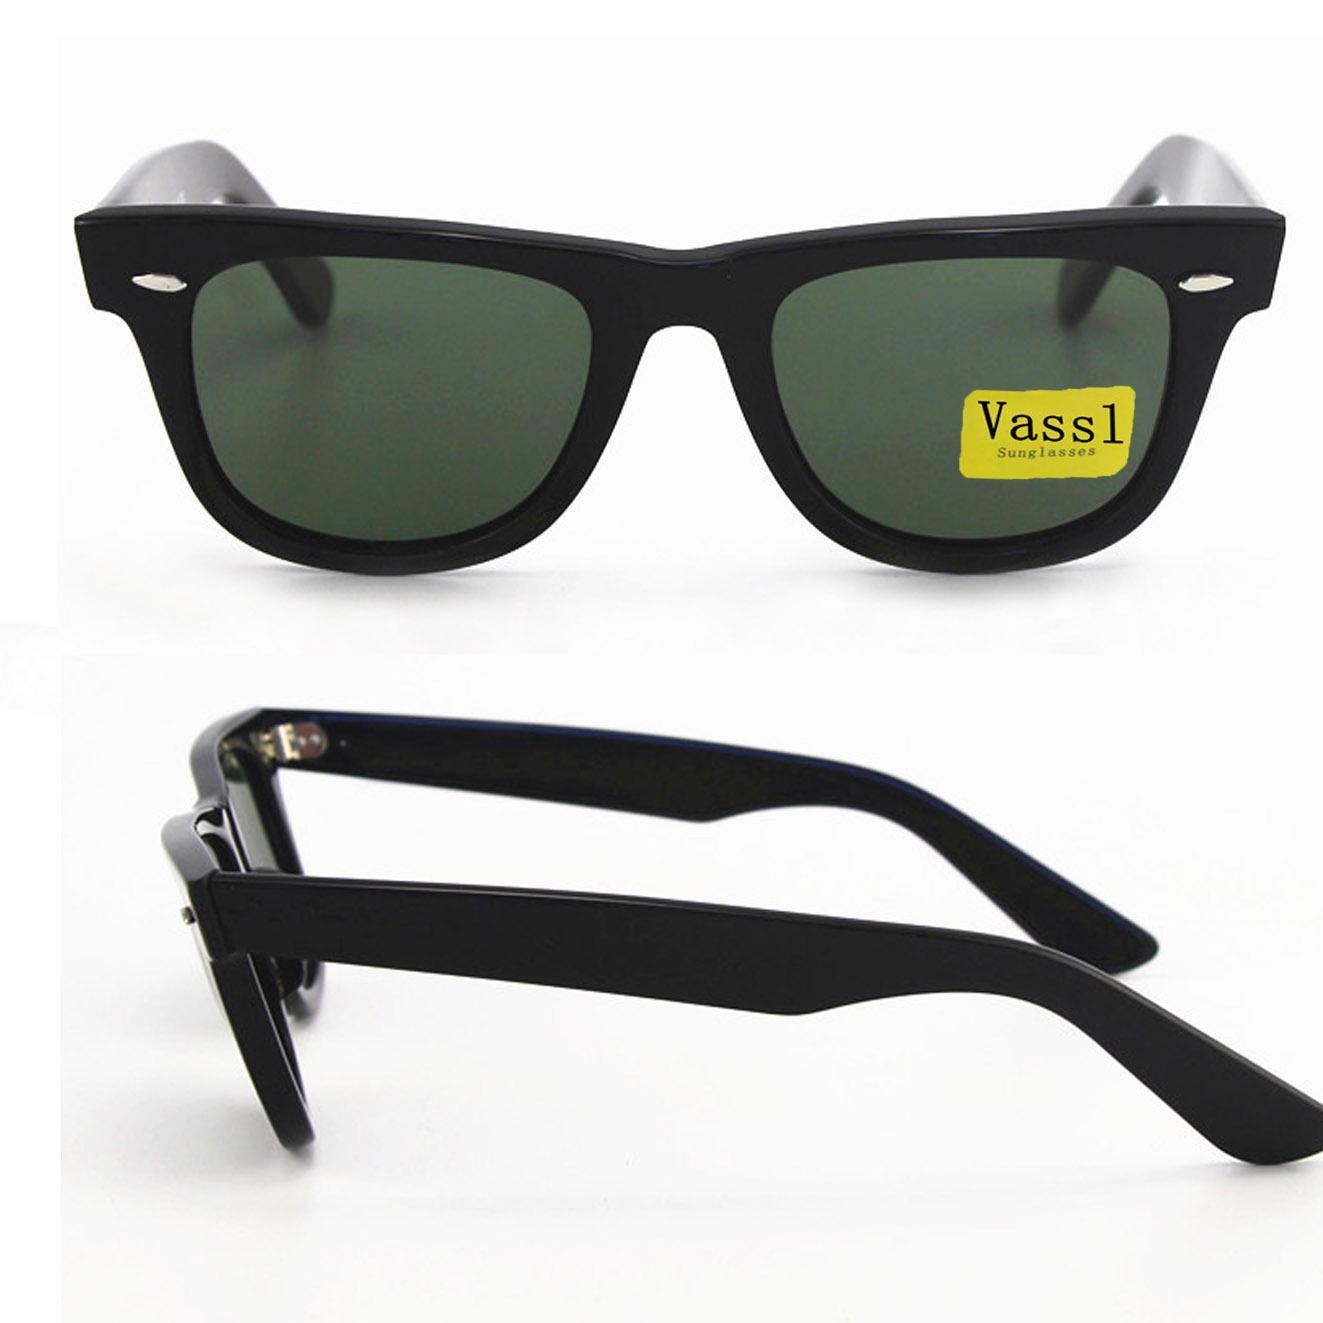 جديد الصيف المرأة النمط الغربي Vassl نظارات ريترو زاوية كبيرة الأسود بإطار أخضر بلانك للرجال الشمس نظارات 50MM يون UV400 مع مربع